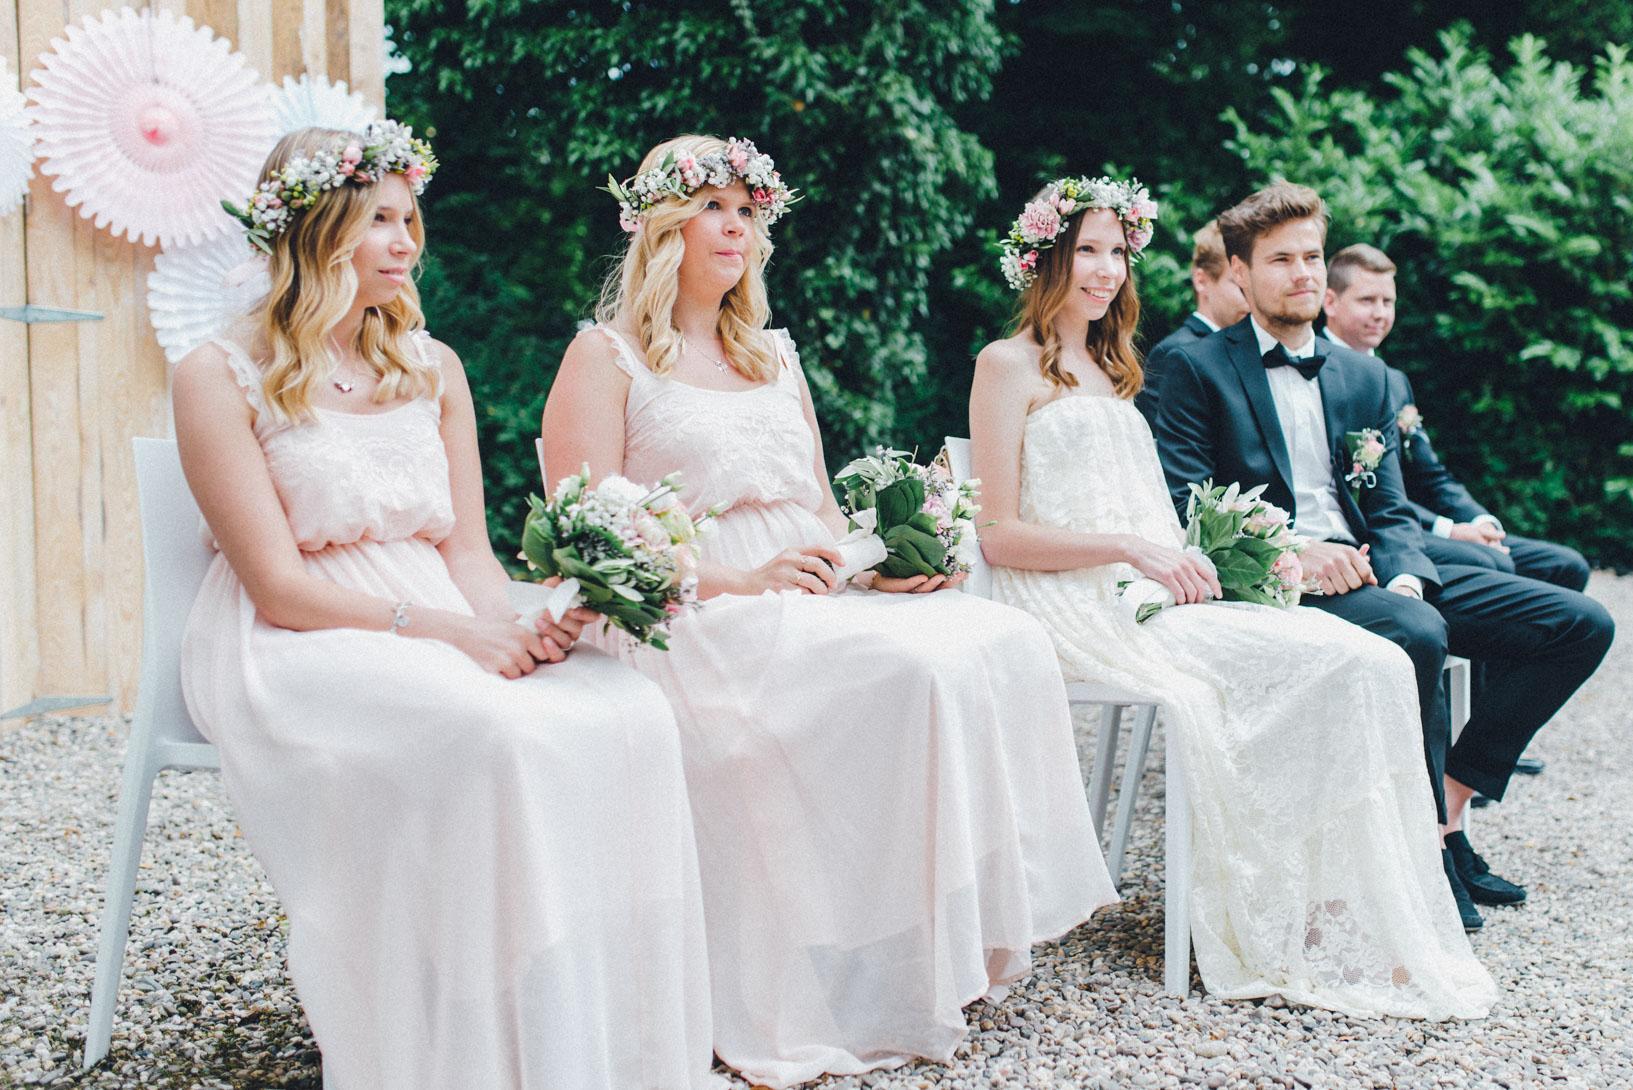 DIY-Hochzeit-gold-VW-Bully-62 Janet & Pierre DIY Midsummer-Wedding in Gold mit VW BulliDIY Hochzeit gold VW Bully 62